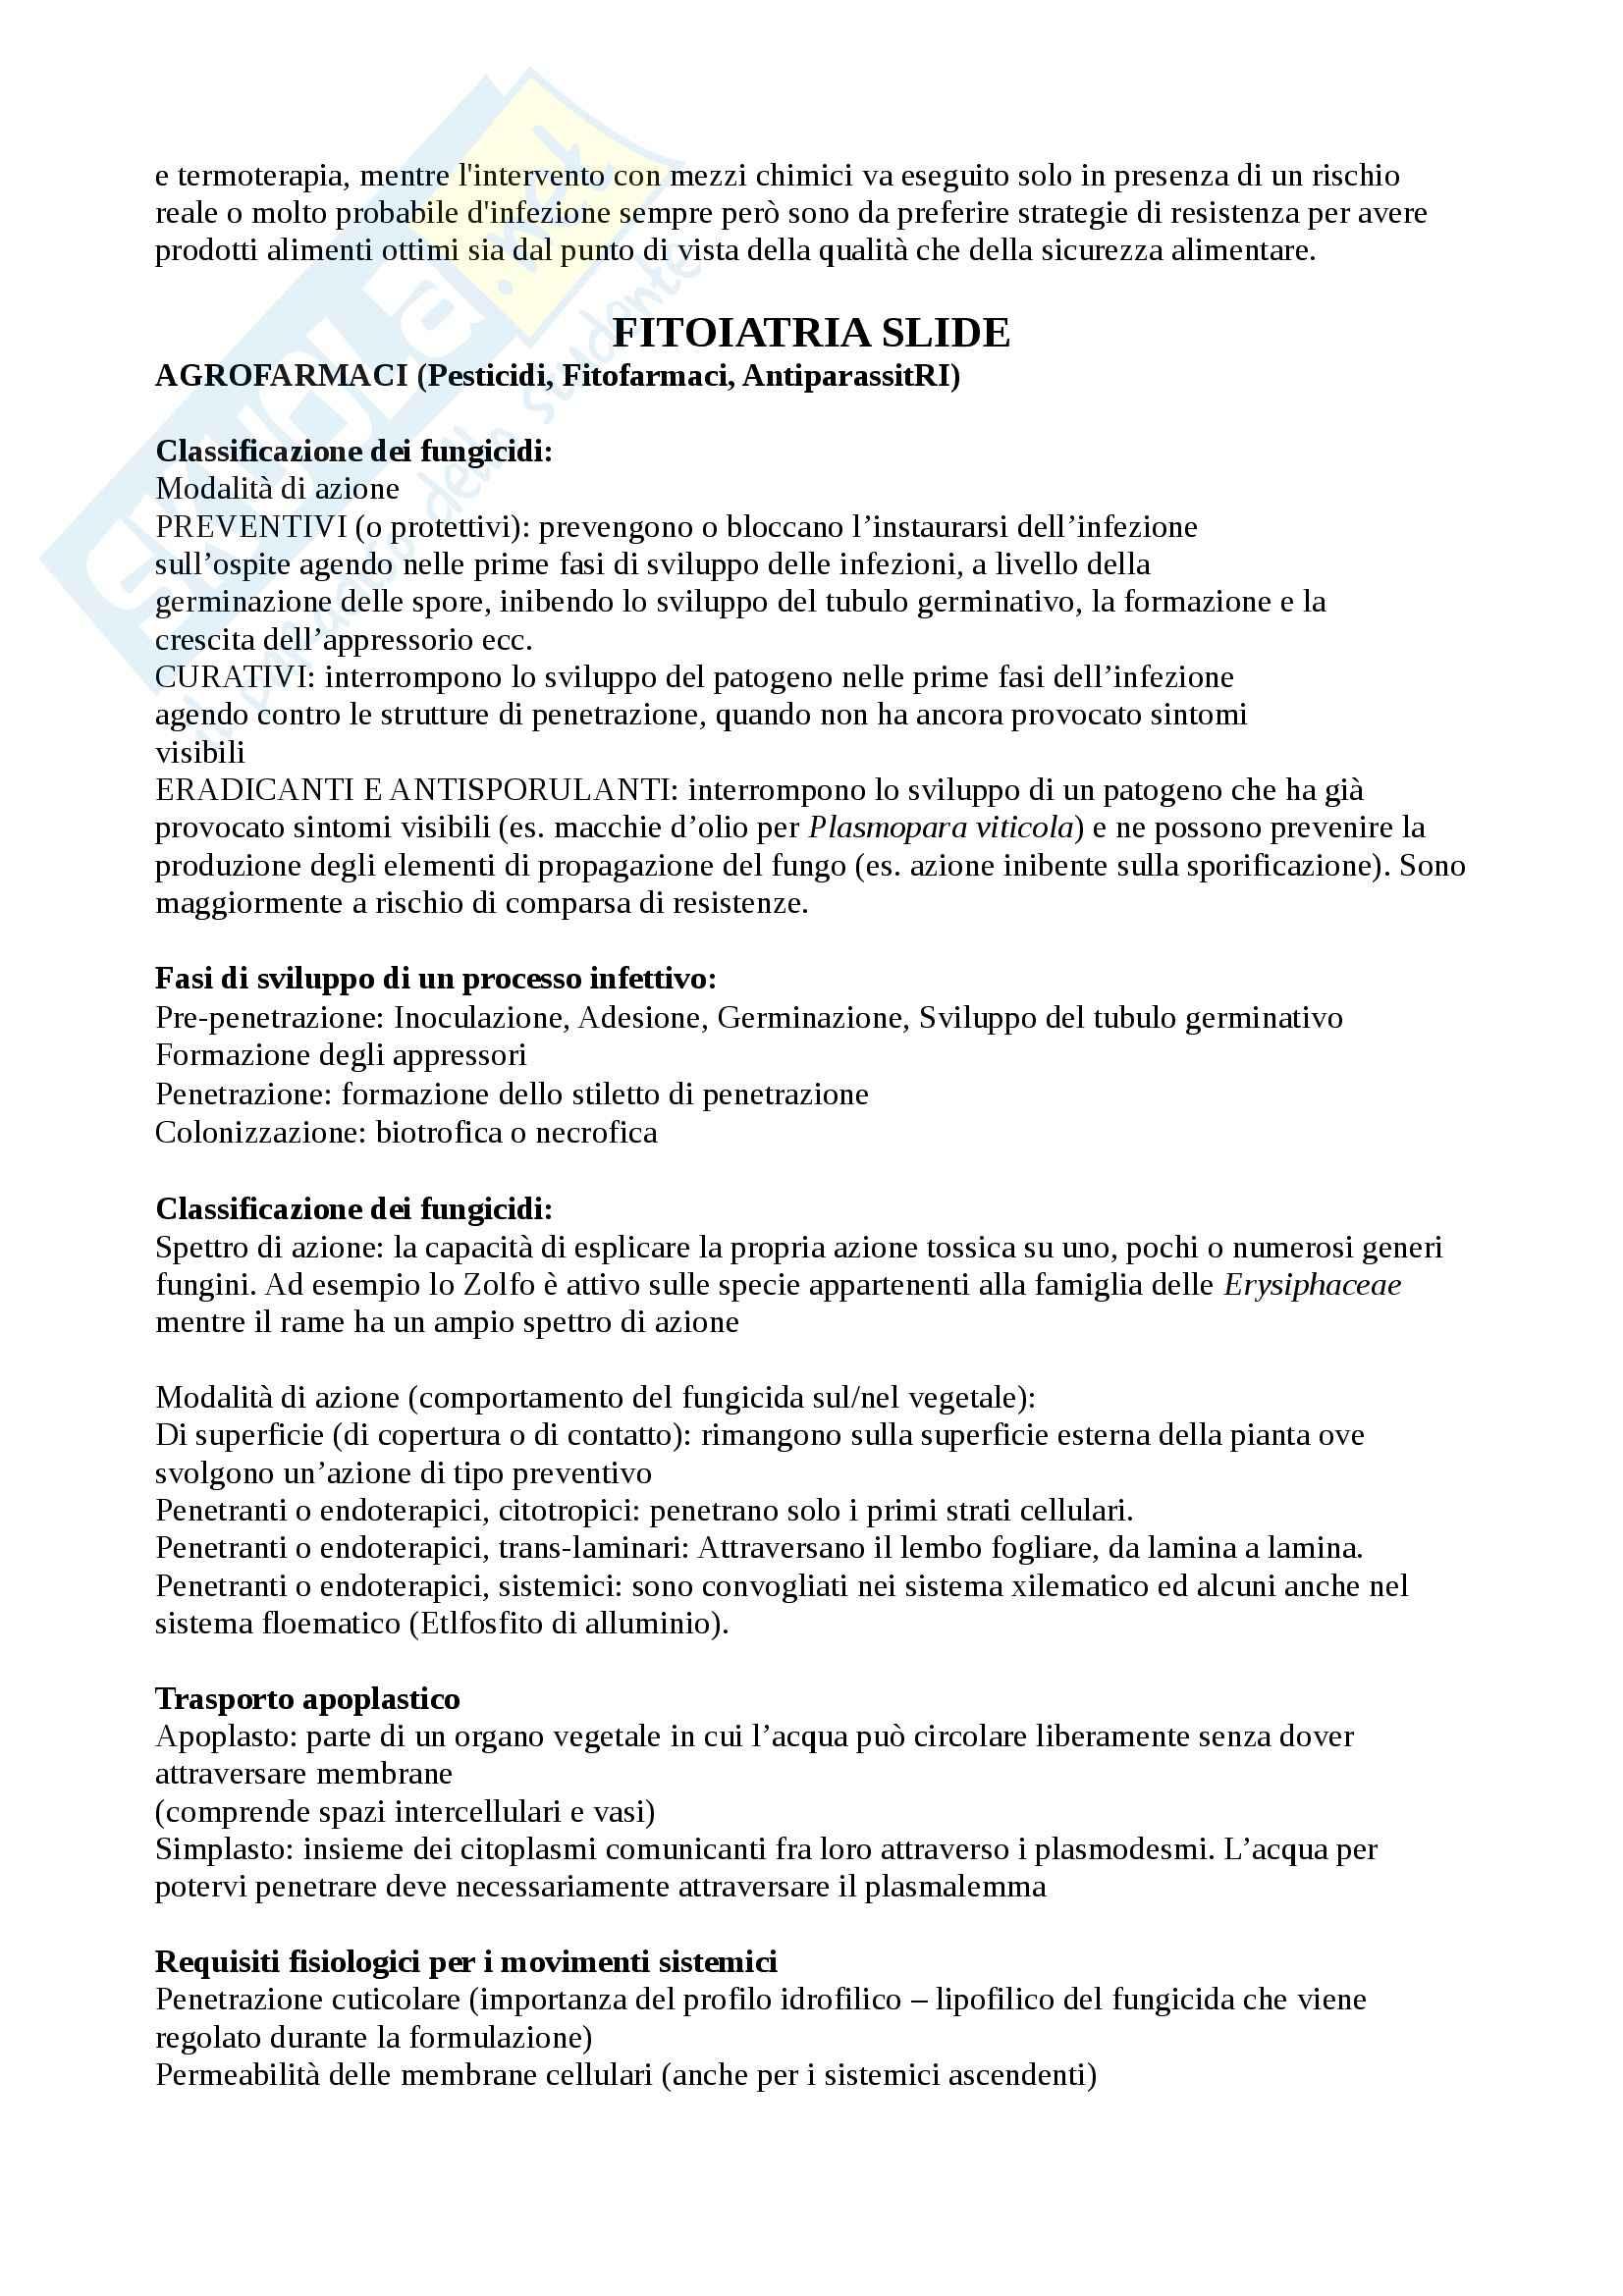 Riassunto esame Patologia Vegetale, prof. Agosteo Pag. 31